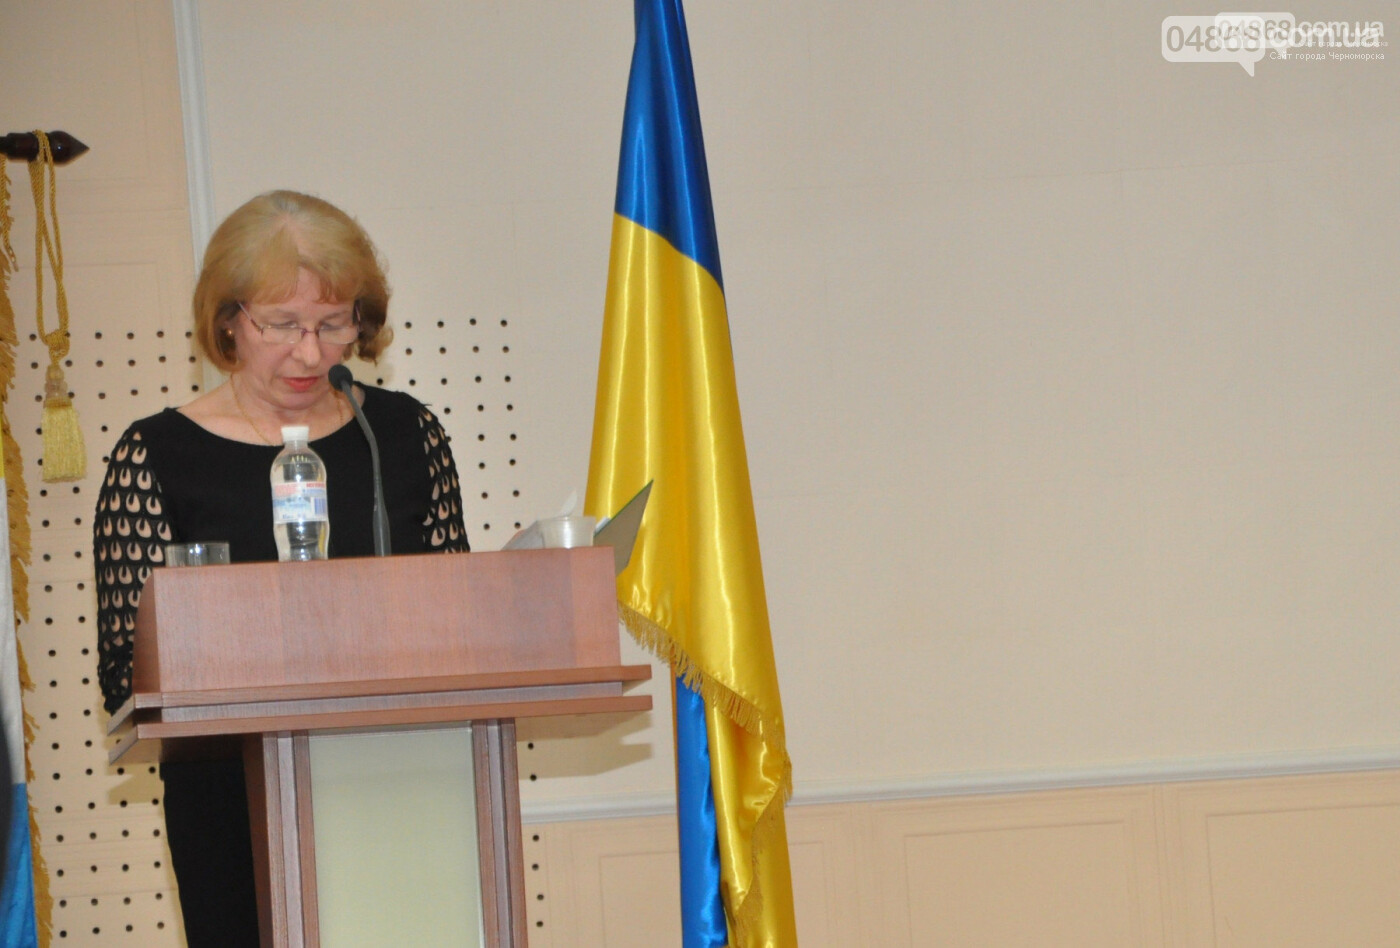 Бунт на корабле, или что произошло на сессии городского совета в Черноморске?, фото-1